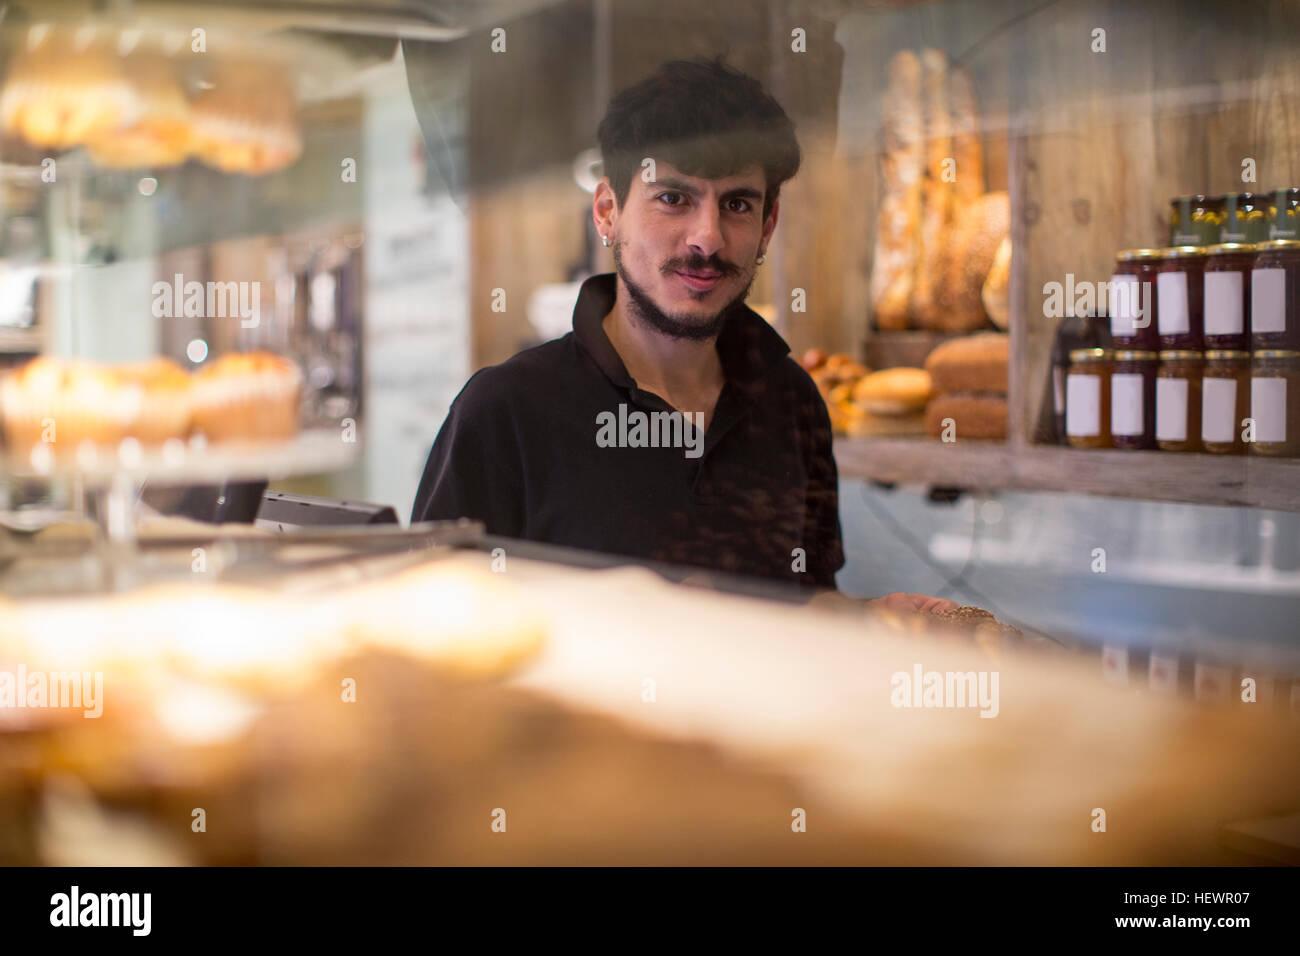 Portrait de jeune homme derrière barista cafe counter Photo Stock